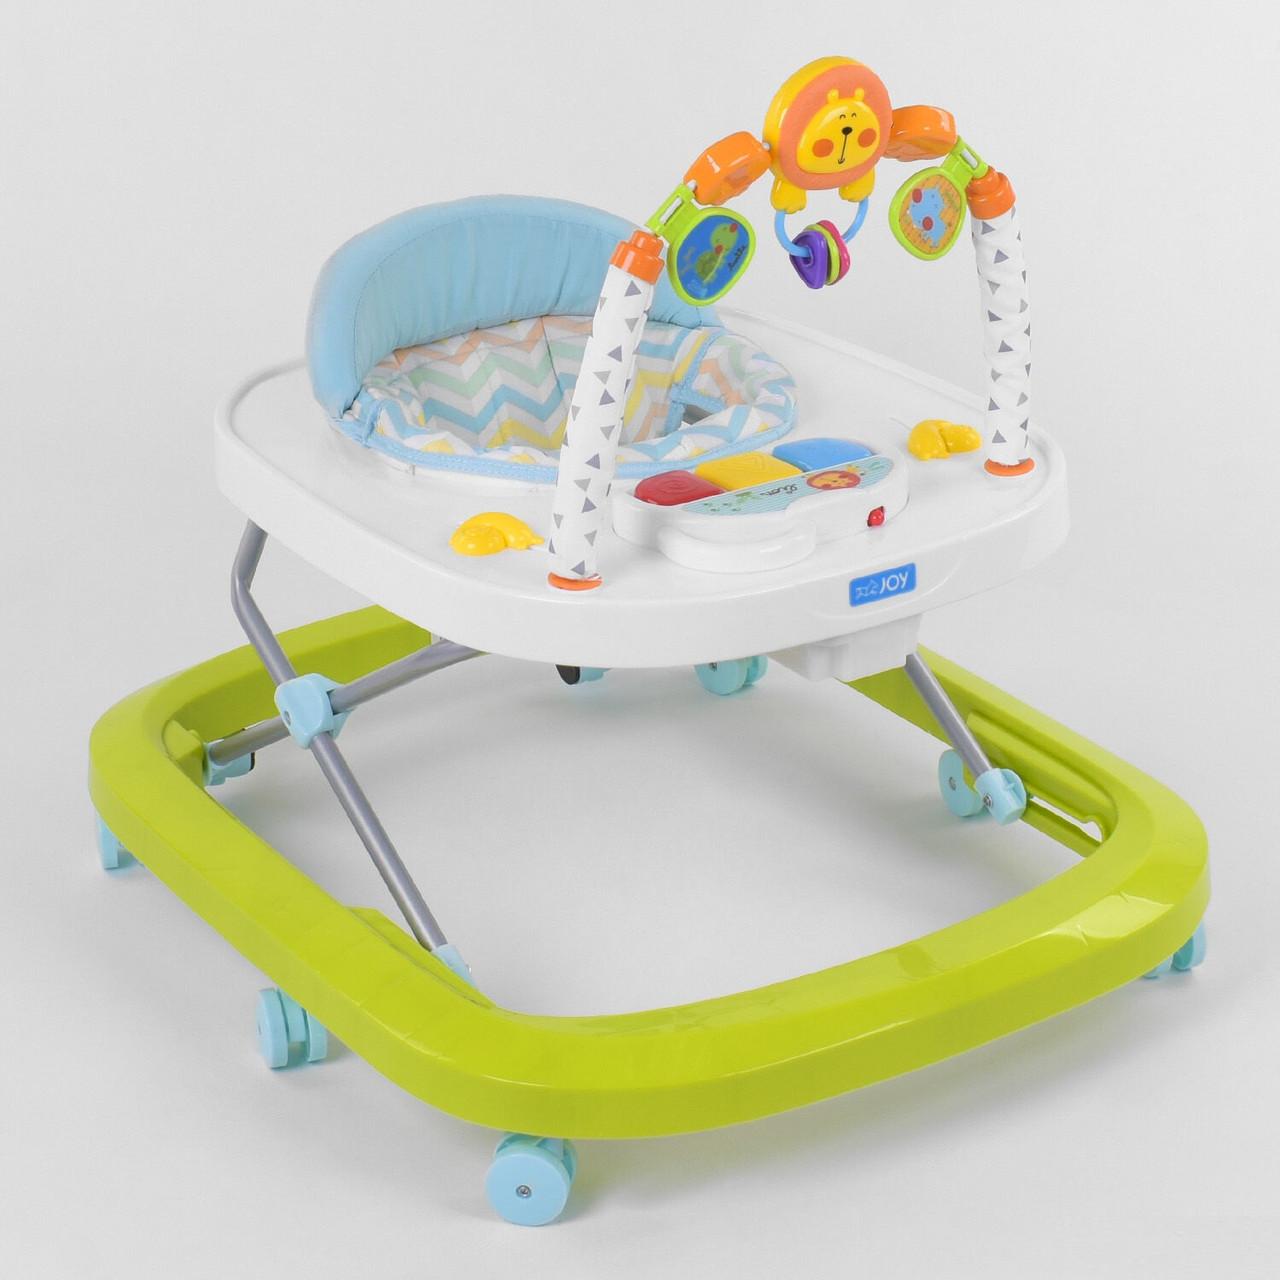 Ходунки для малыша со звуковой игровой панелью, мягким бампером и подвесками JOY W 41202, салатовый